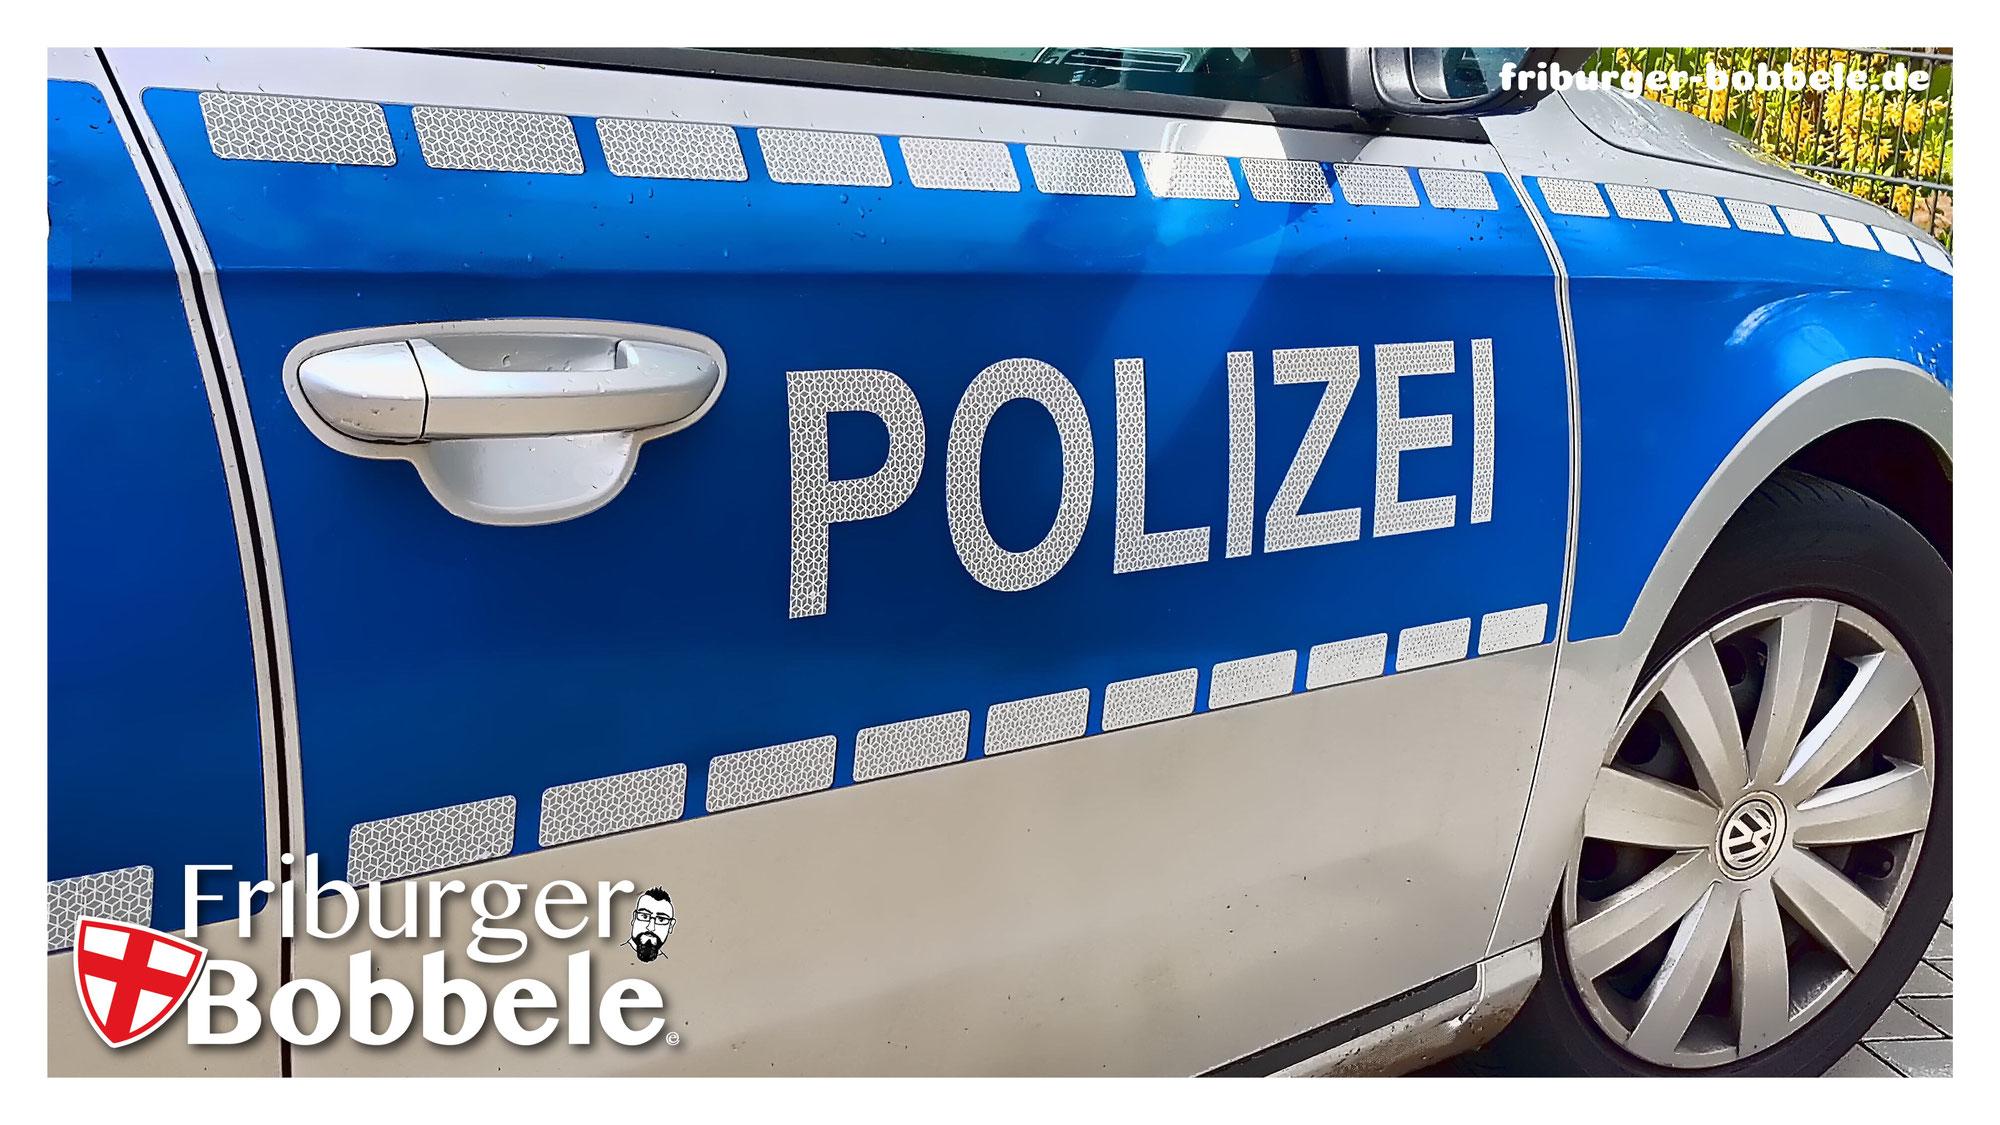 Was ist passiert? Möglicher Verkehrsunfall - Polizei sucht Zeugen